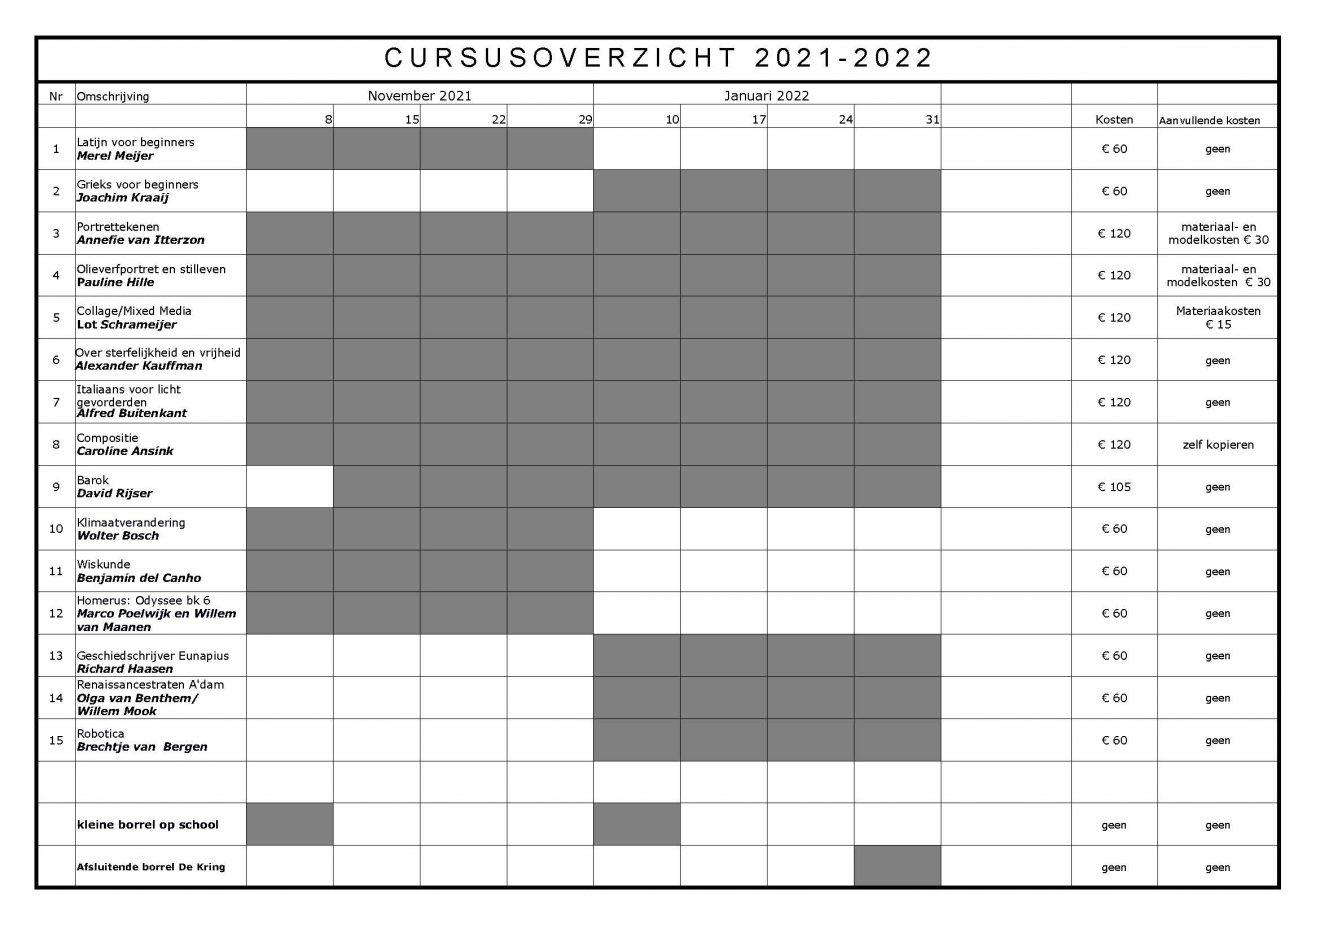 schema 2021-2022